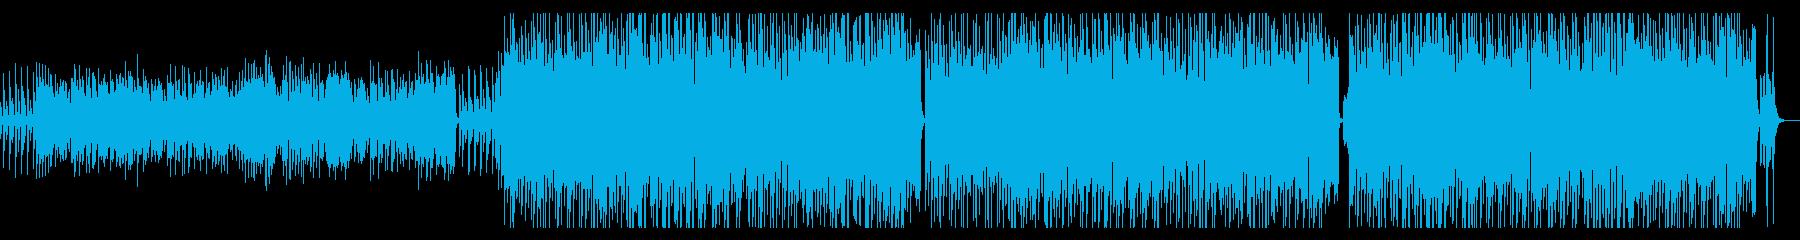 ウキウキと楽しく幸せな日常曲の再生済みの波形